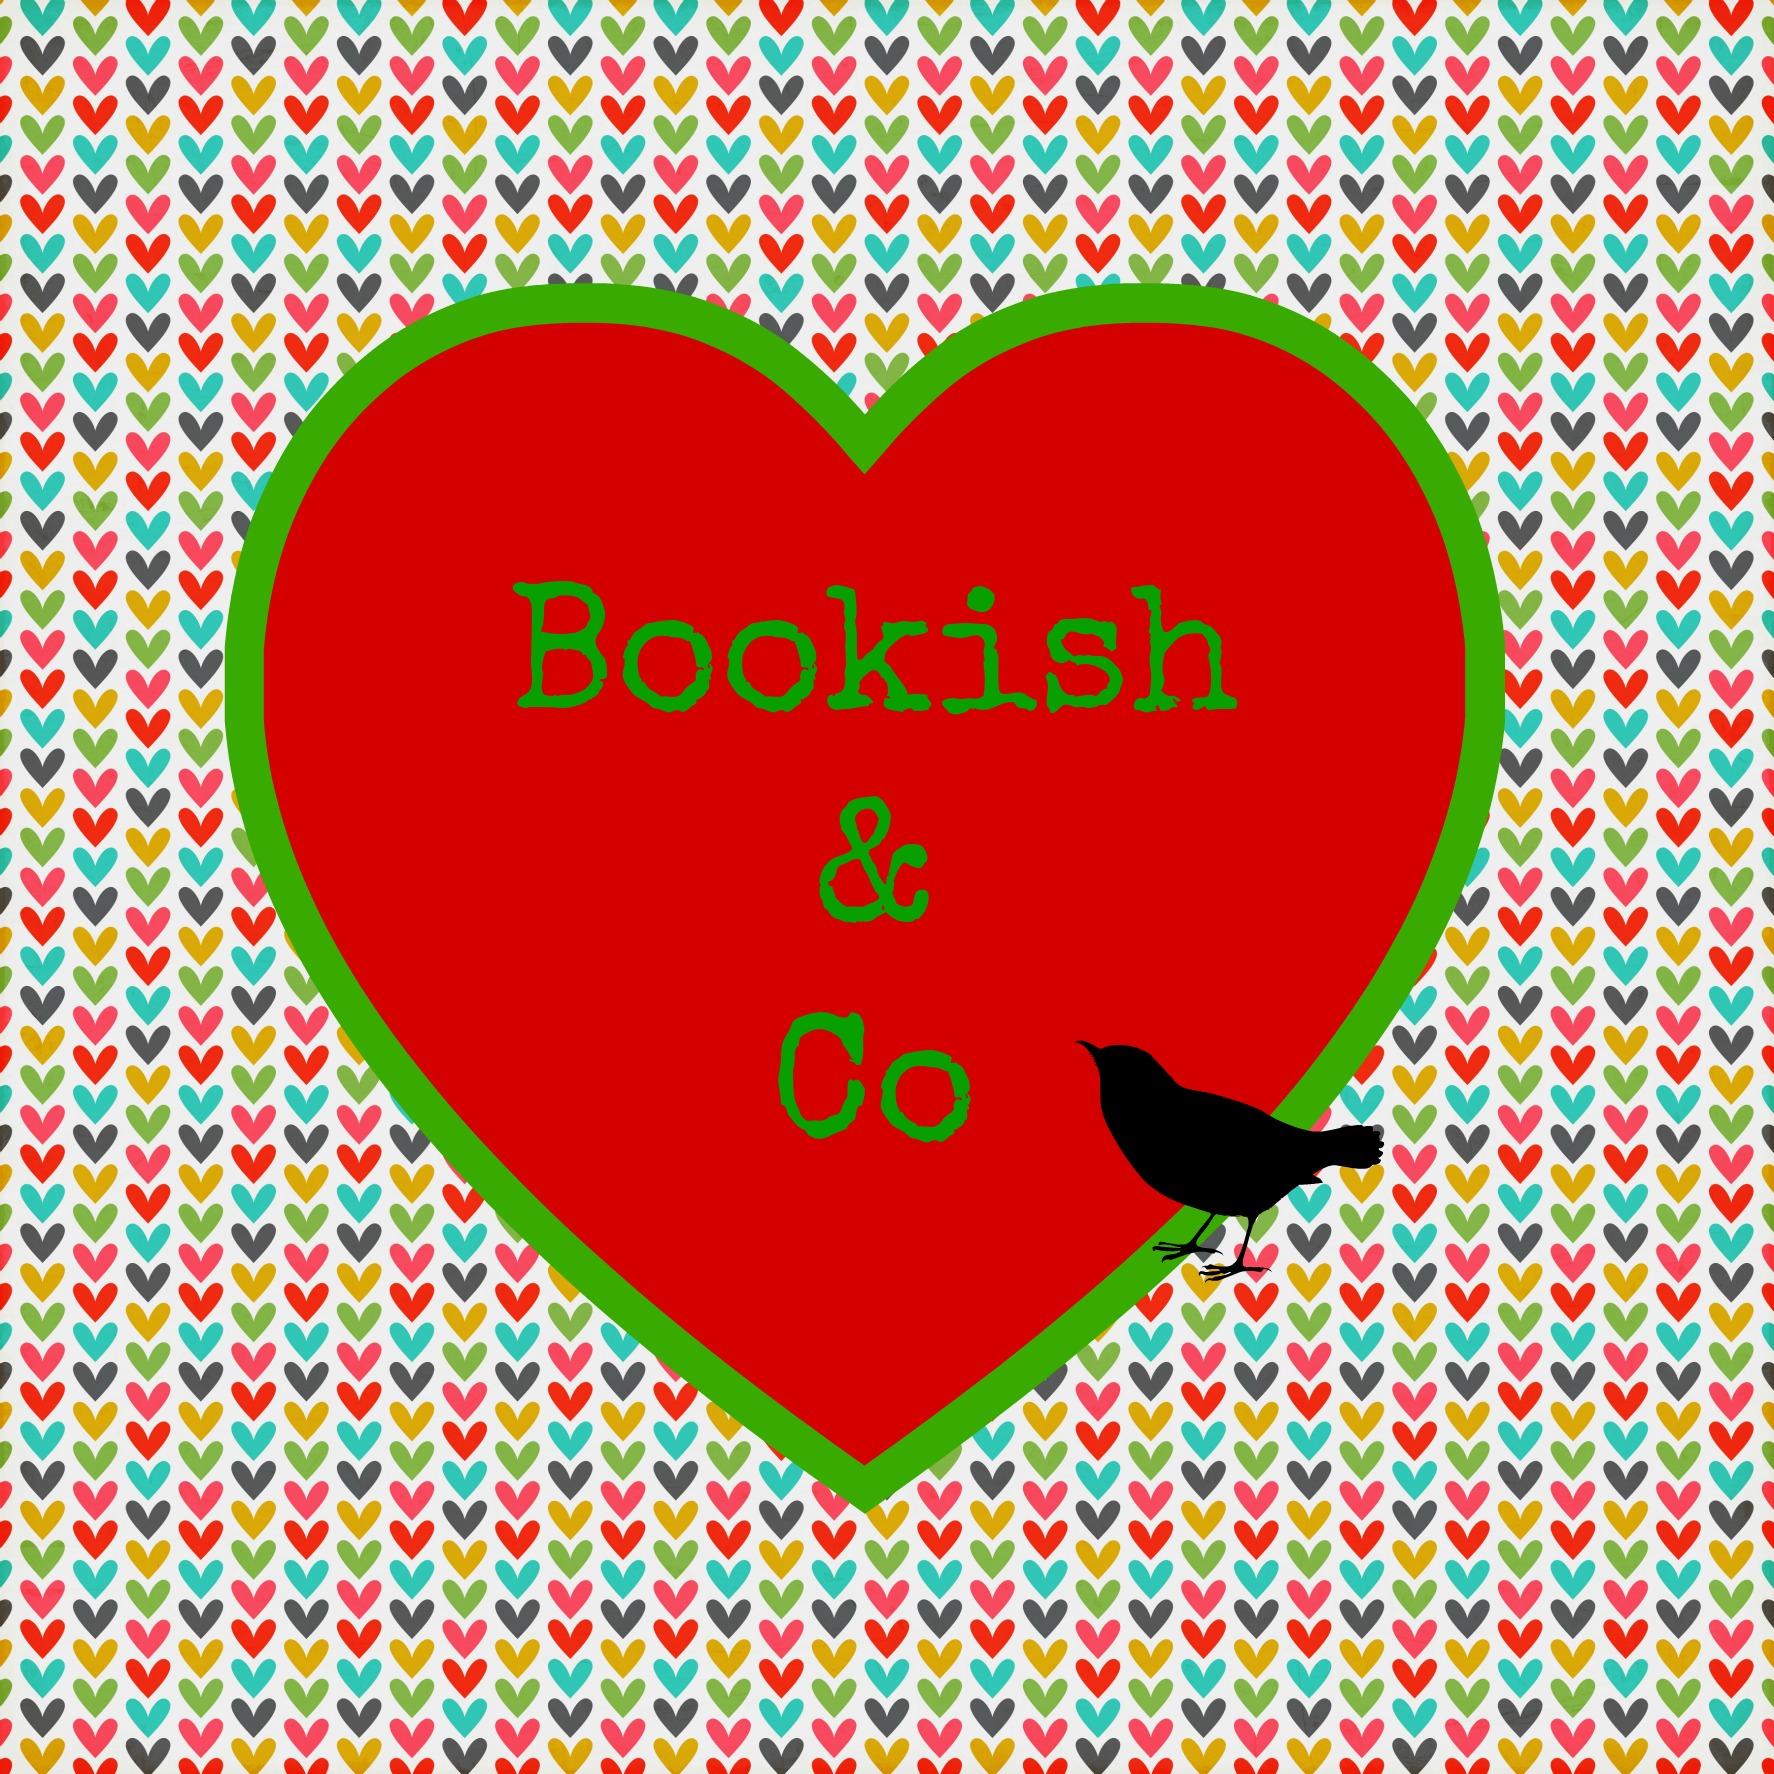 bookishandco